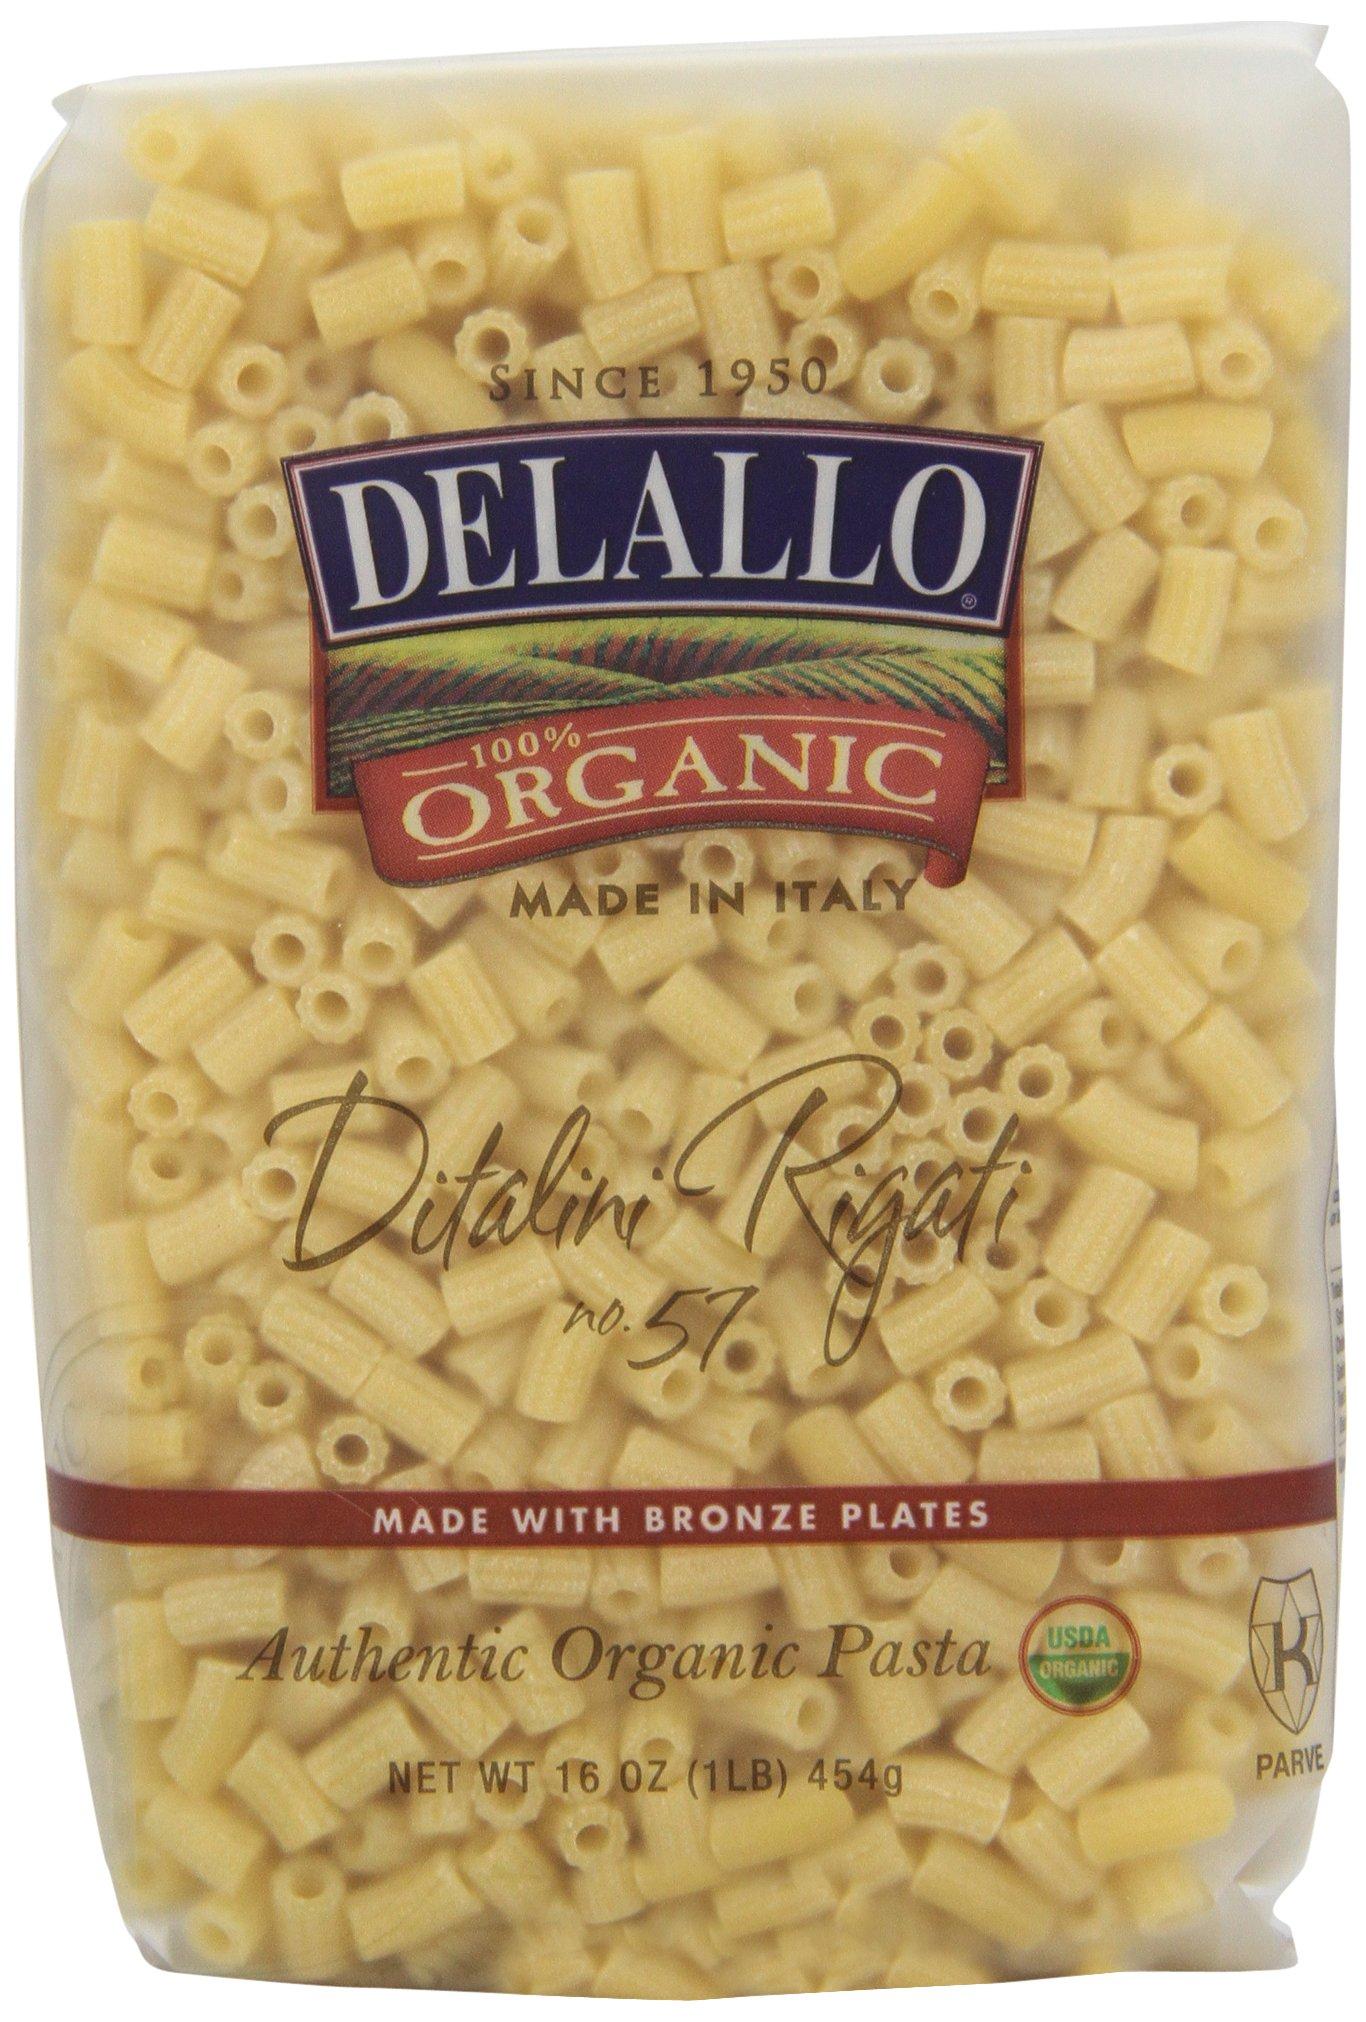 DeLallo Organic Ditalini Rigati #57, 16-Ounce Units (Pack of 16) by DeLallo